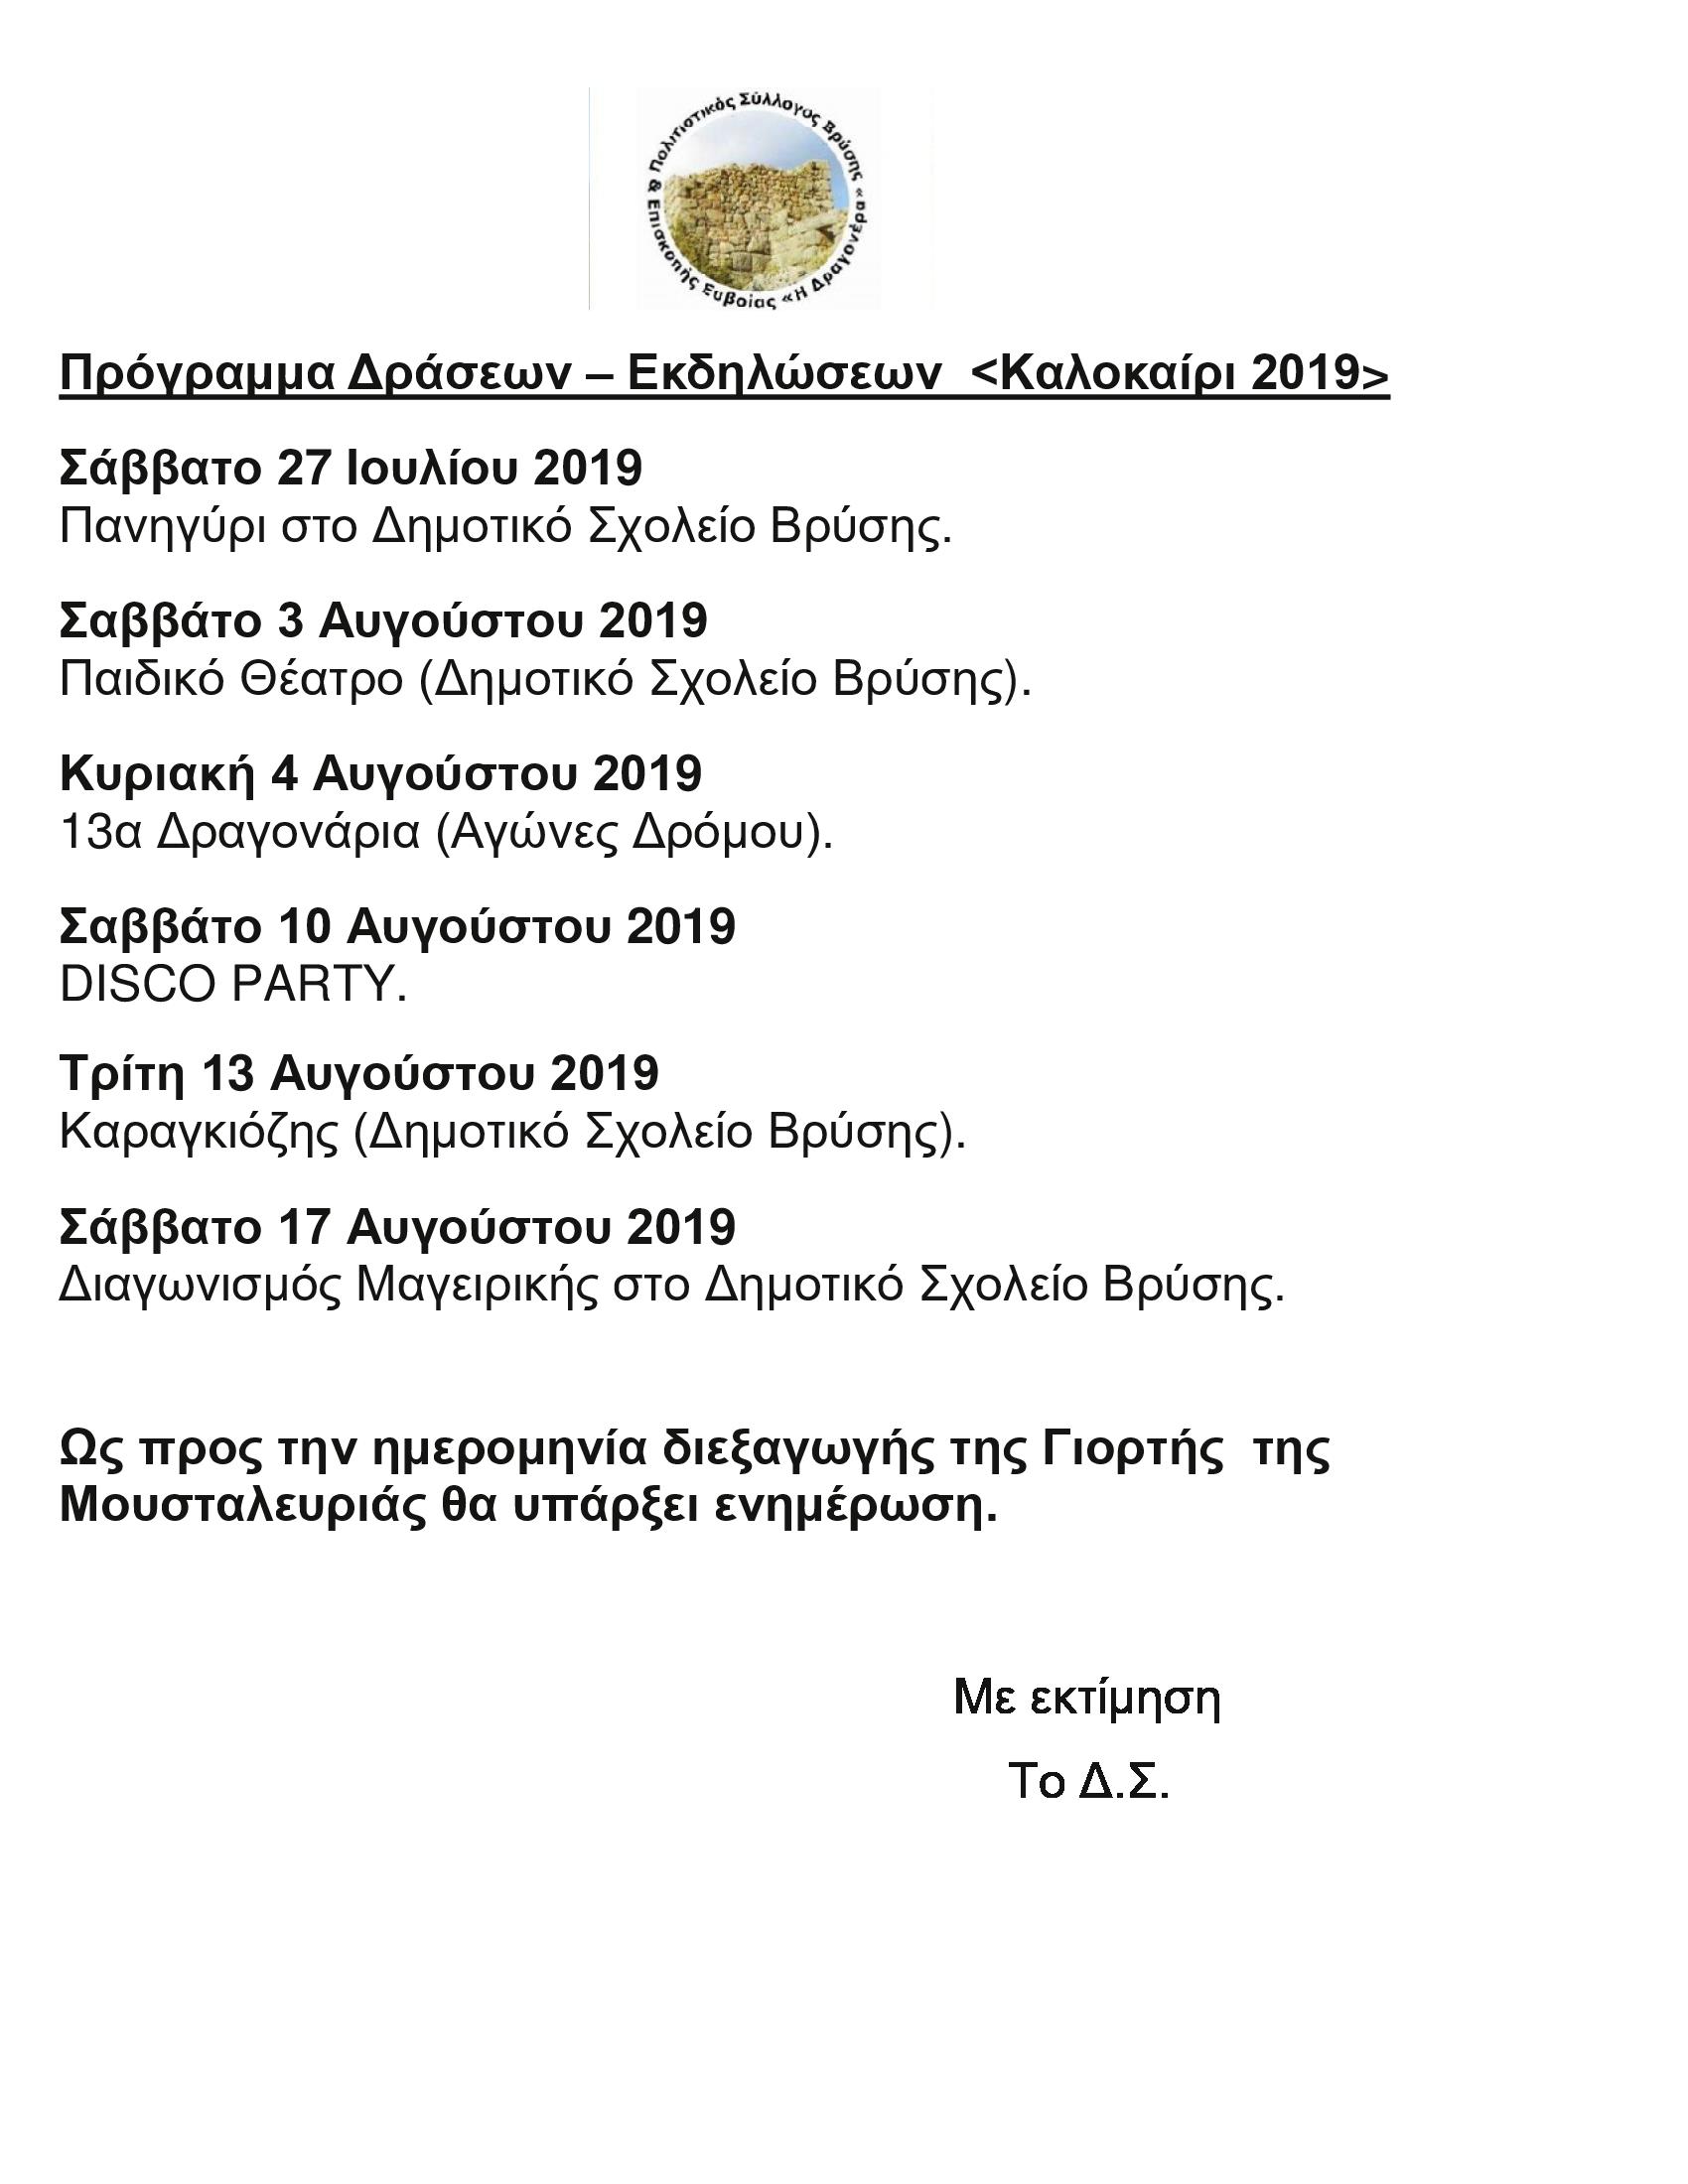 ΑΦΙΣΑ-ΓΙΑ-ΠΡΟΓΡΑΜΜΑ-ΕΚΔΗΛΩΣΕΩΝ-ΣΥΛΛΟΓΟΥ-ΚΑΛΟΚΑΙΡΙ-2019